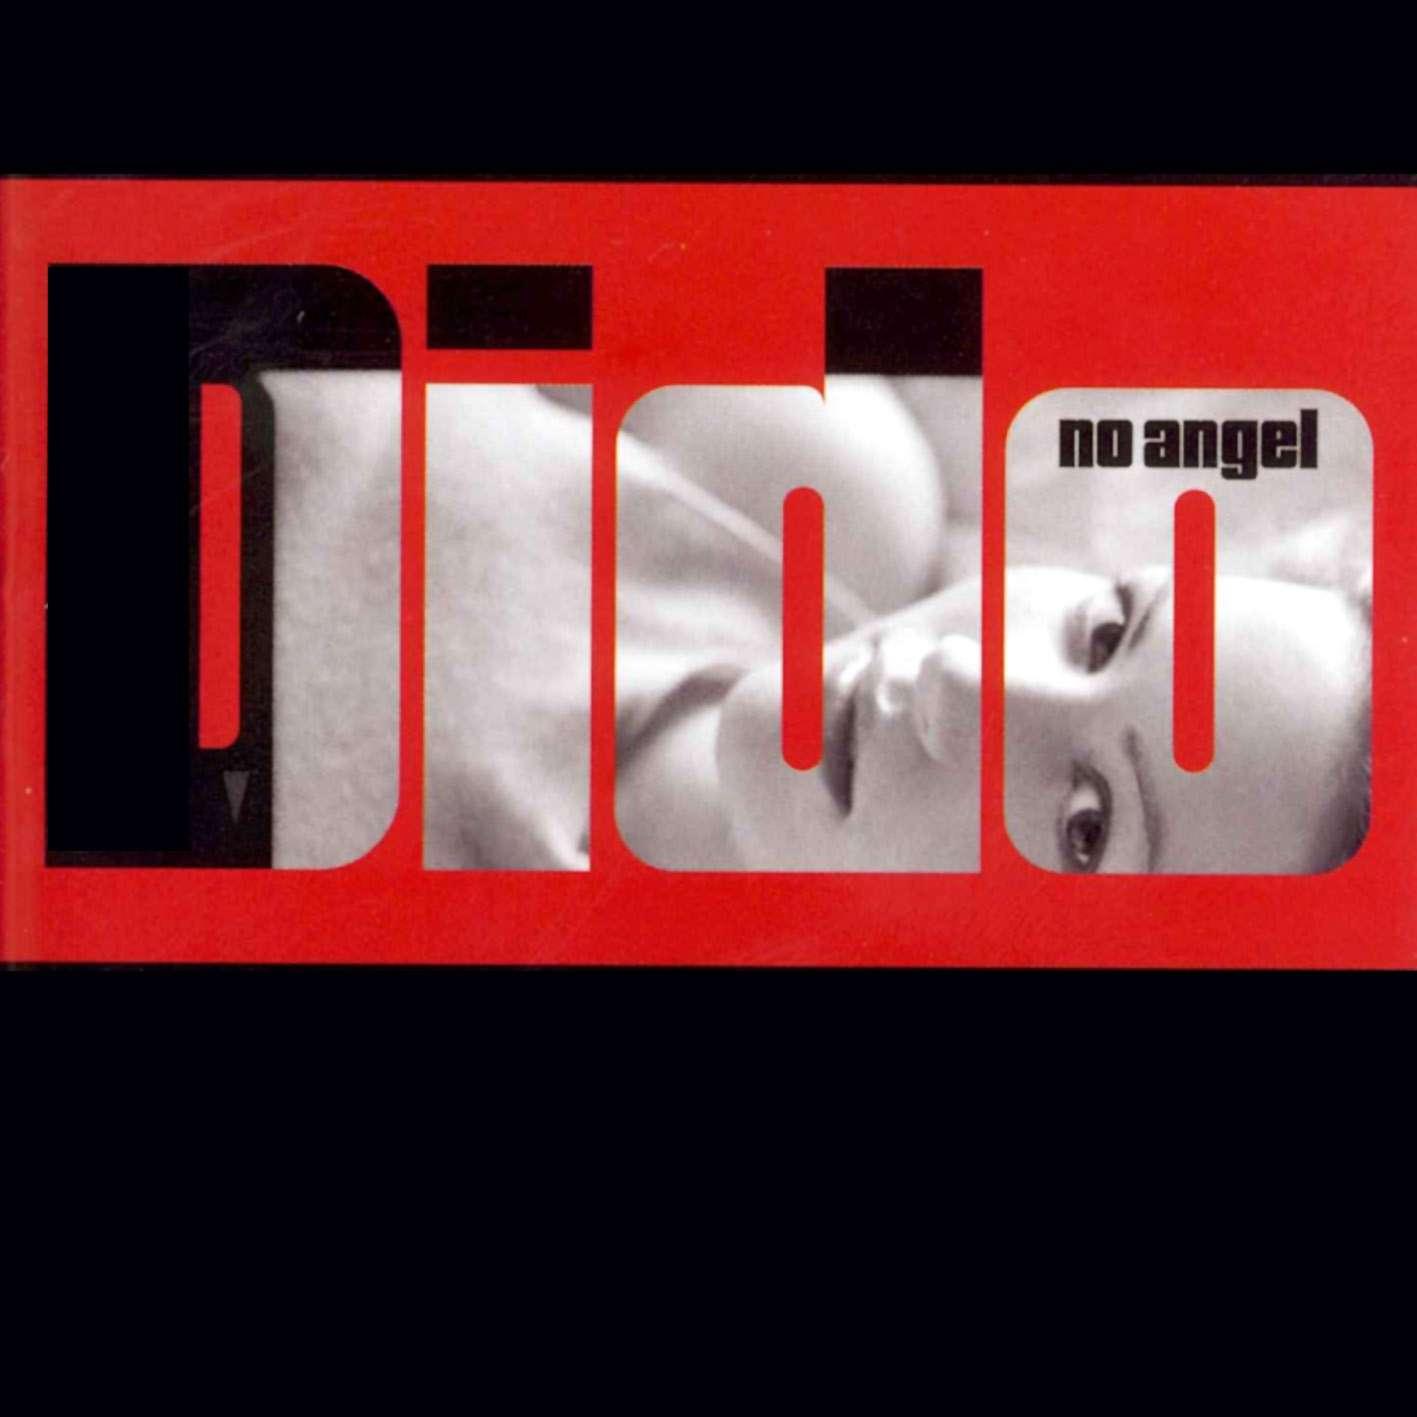 http://1.bp.blogspot.com/_rQmHXYlE2LQ/TFn8khovCPI/AAAAAAAAAGU/eAiRHpueKVM/s1600/Dido-No-Angel-Delantera.jpg